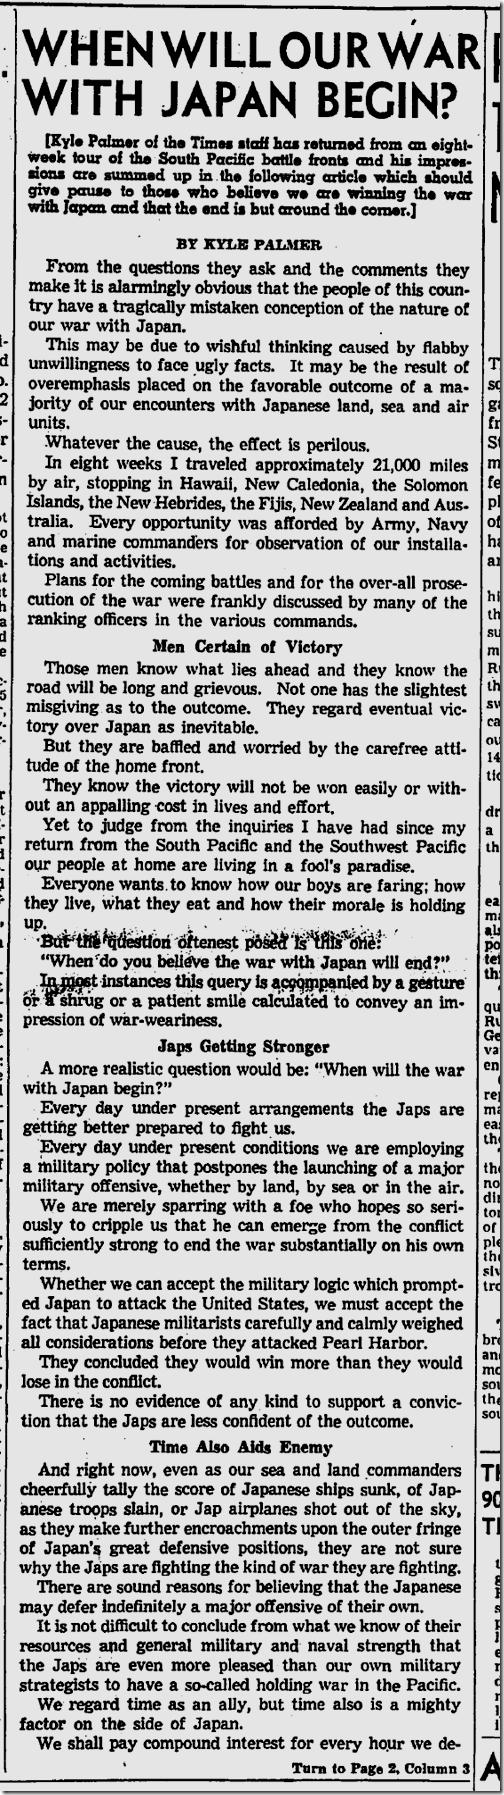 July 25, 1943, Kyle Palmer